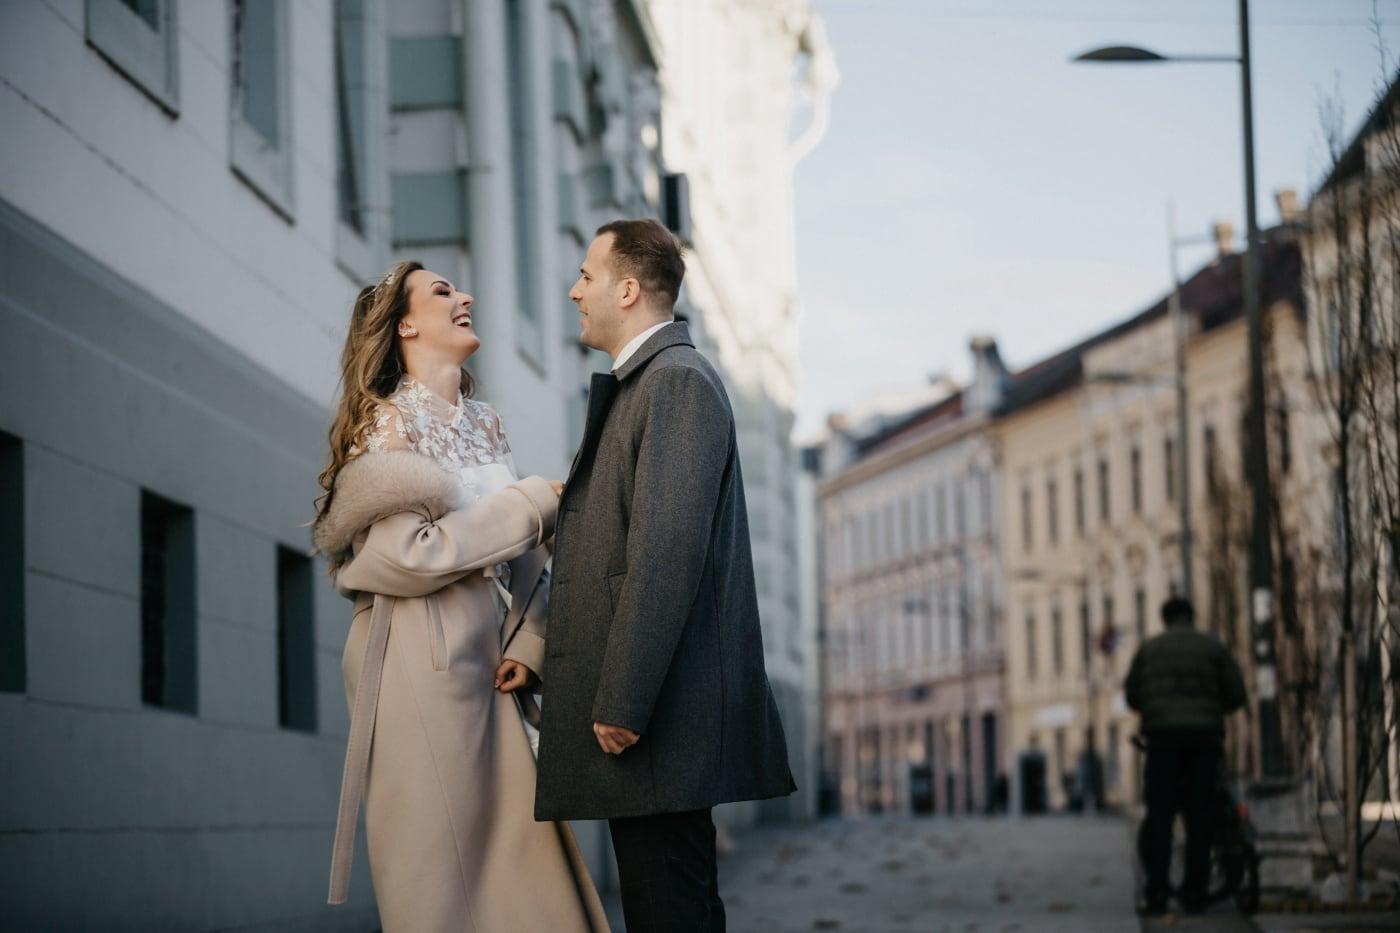 milostný vztah, romantický, ulice, městská oblast, denní světlo, úsměv, setkání, muž, lidé, svatba